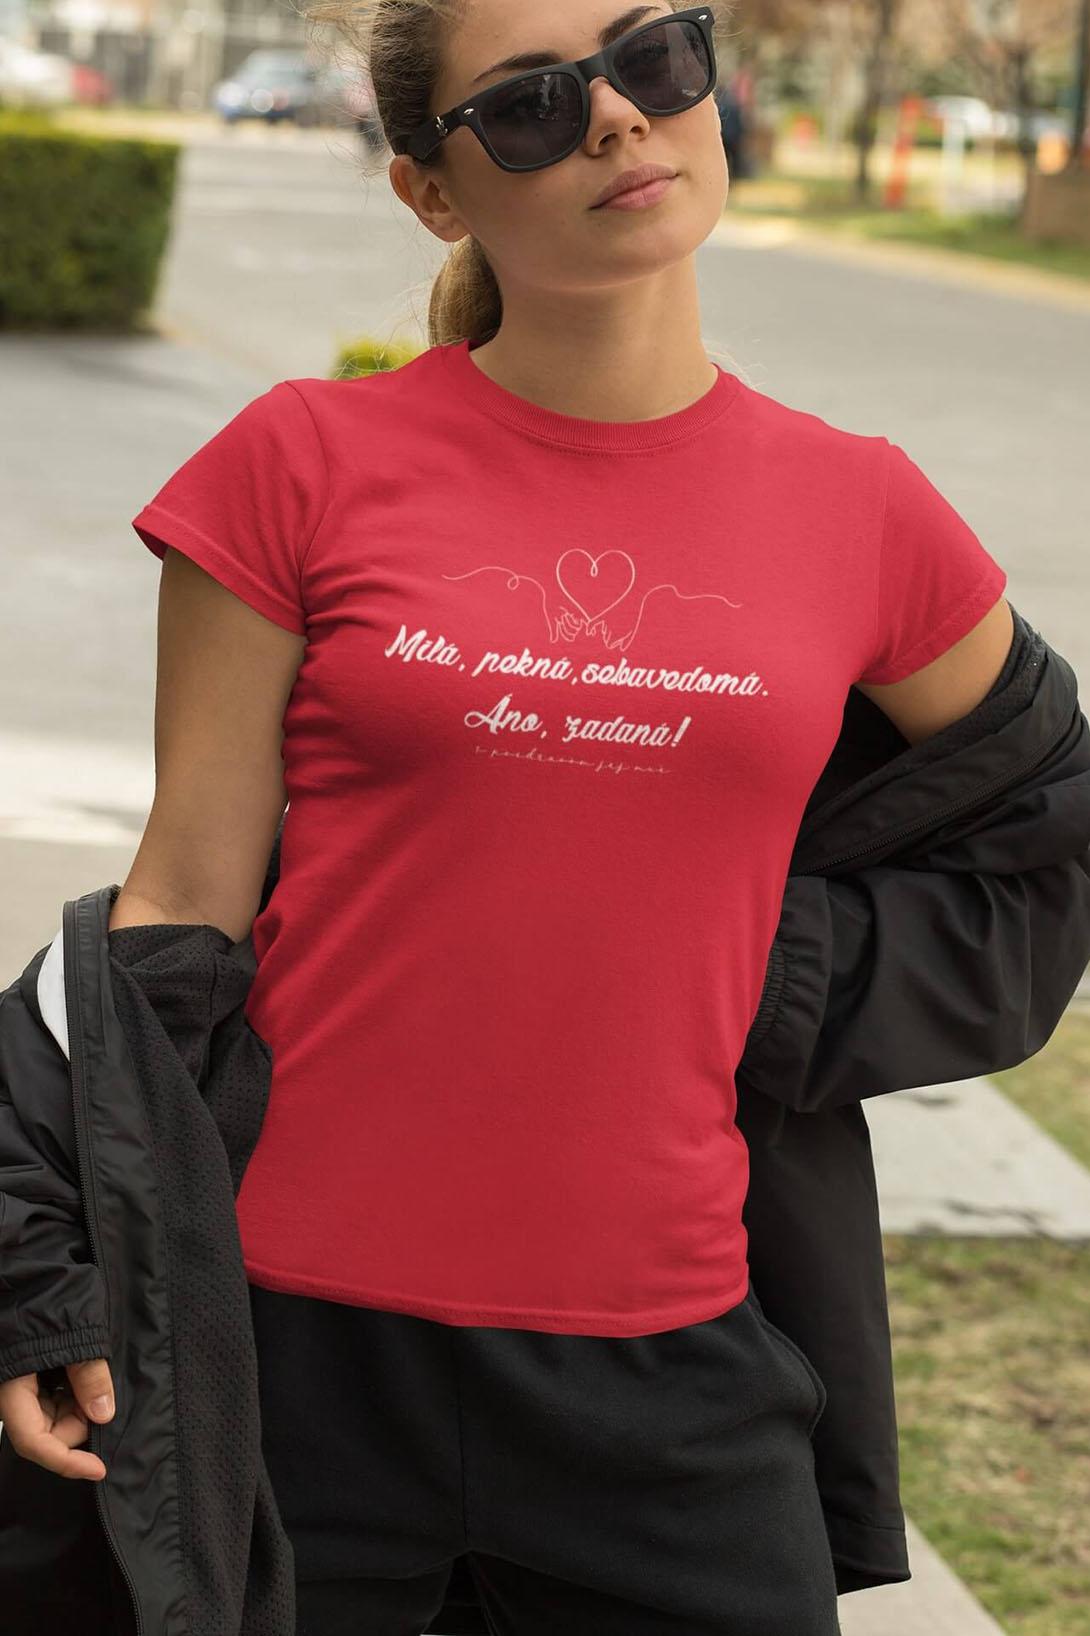 MMO Dámske tričko Milá, pekná, sebavedomá Vyberte farbu: Čierna, Vyberte veľkosť: M